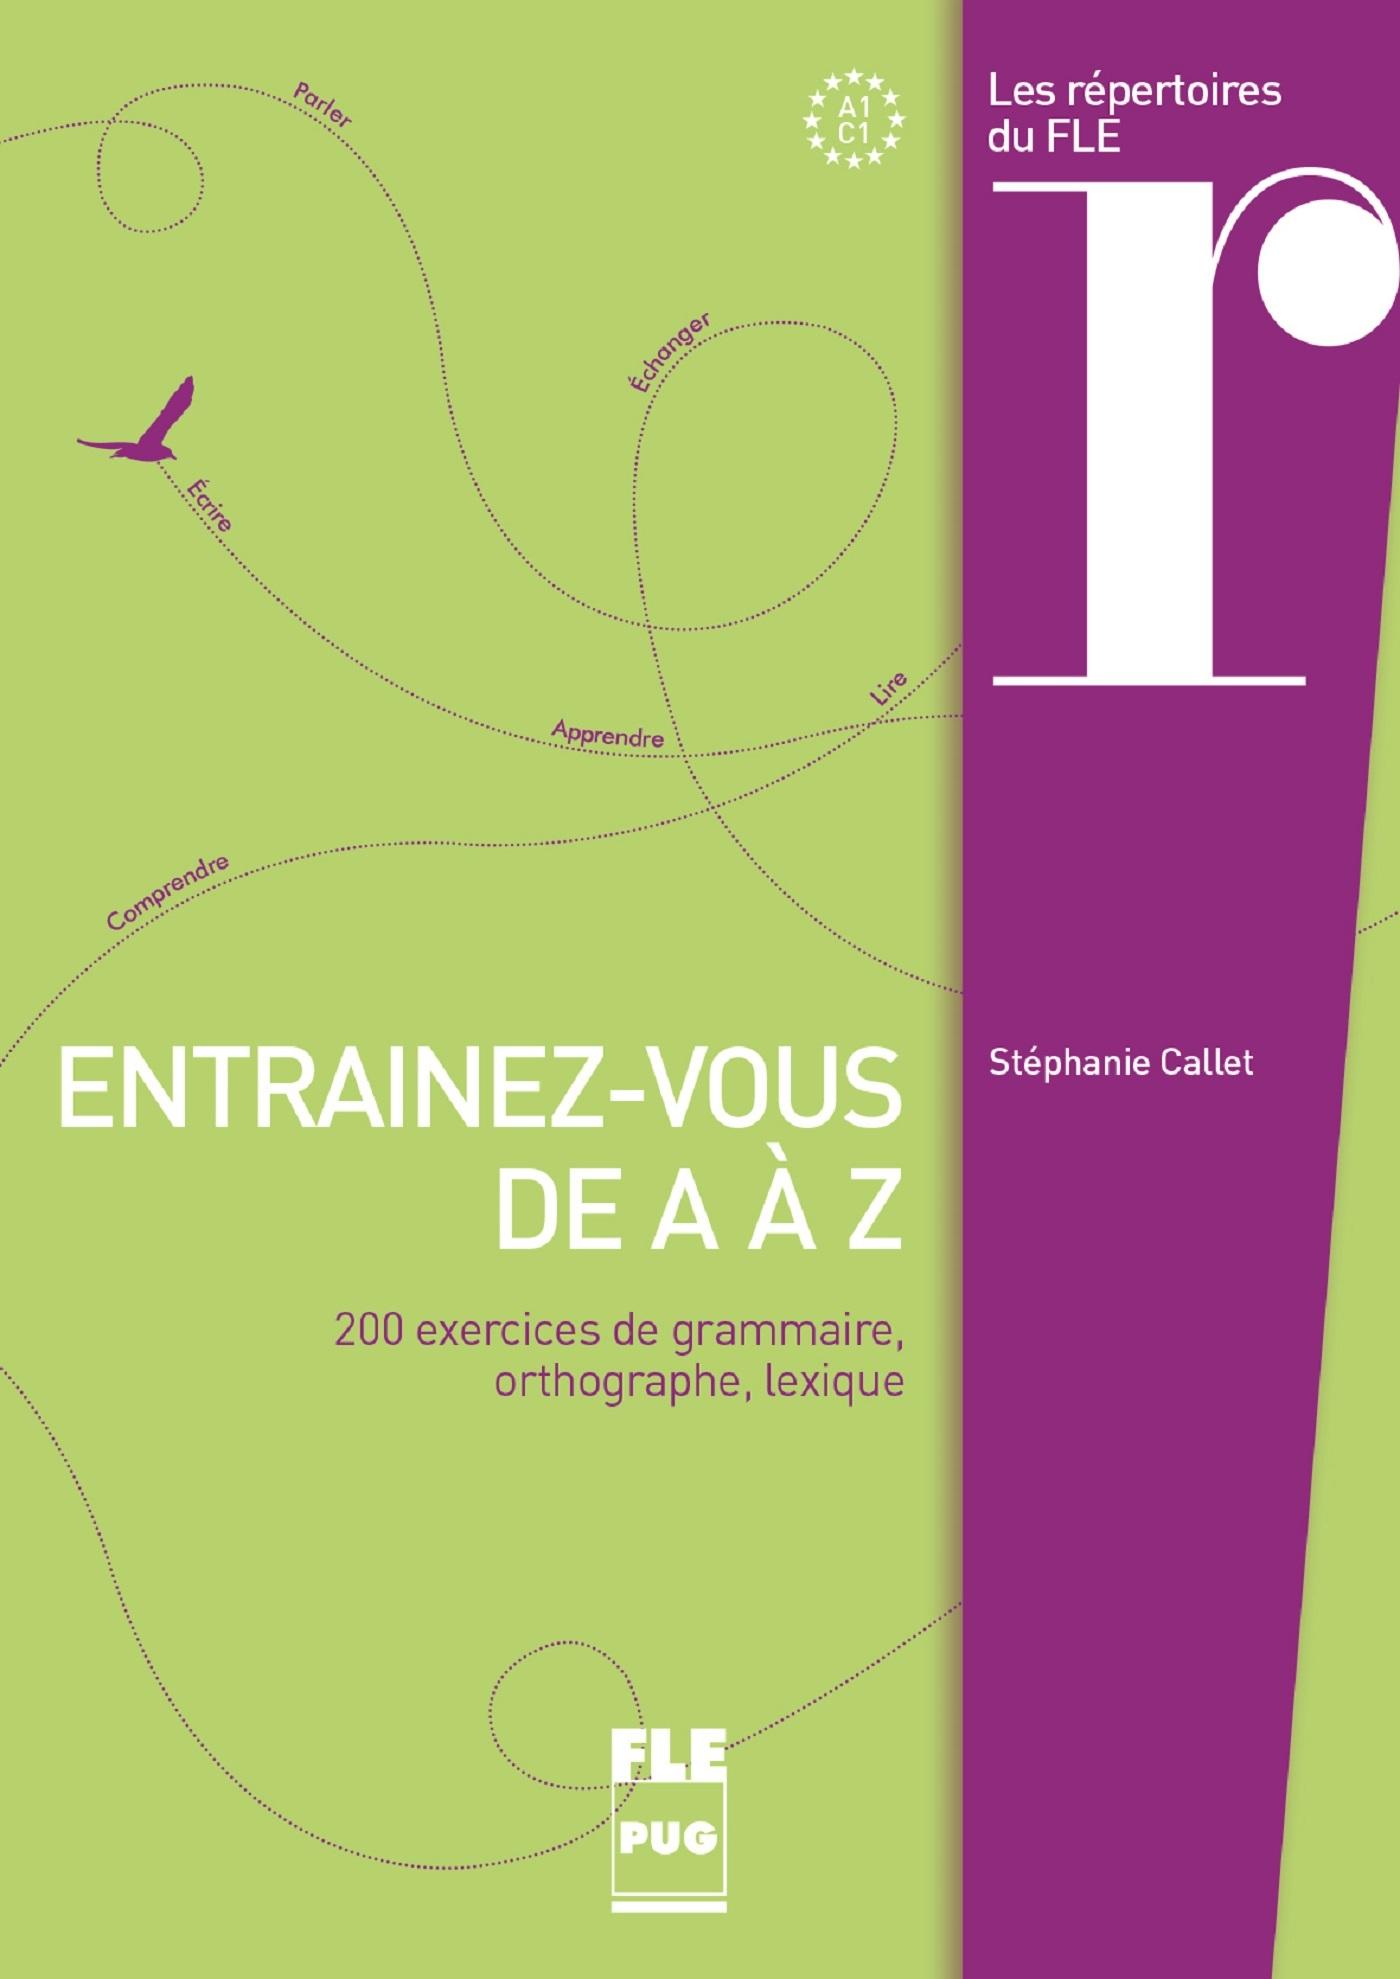 ENTRAINEZ-VOUS DE A A Z